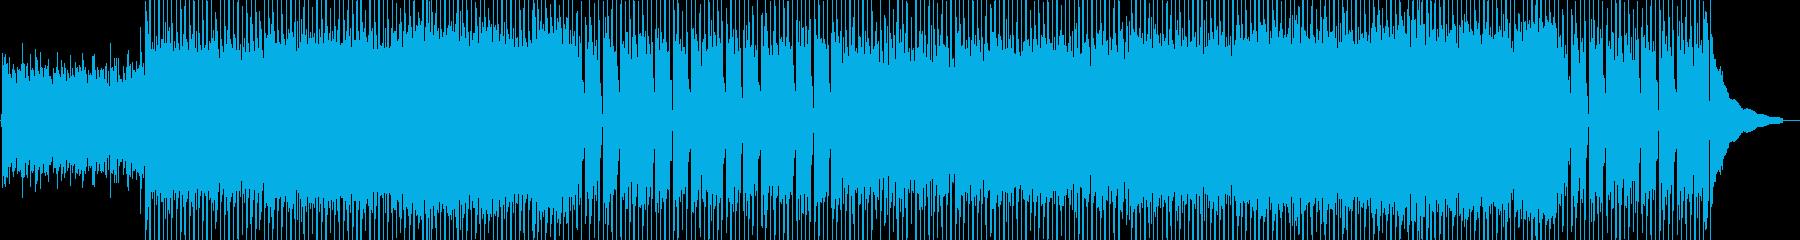 爽やか/アコースティックギターの再生済みの波形